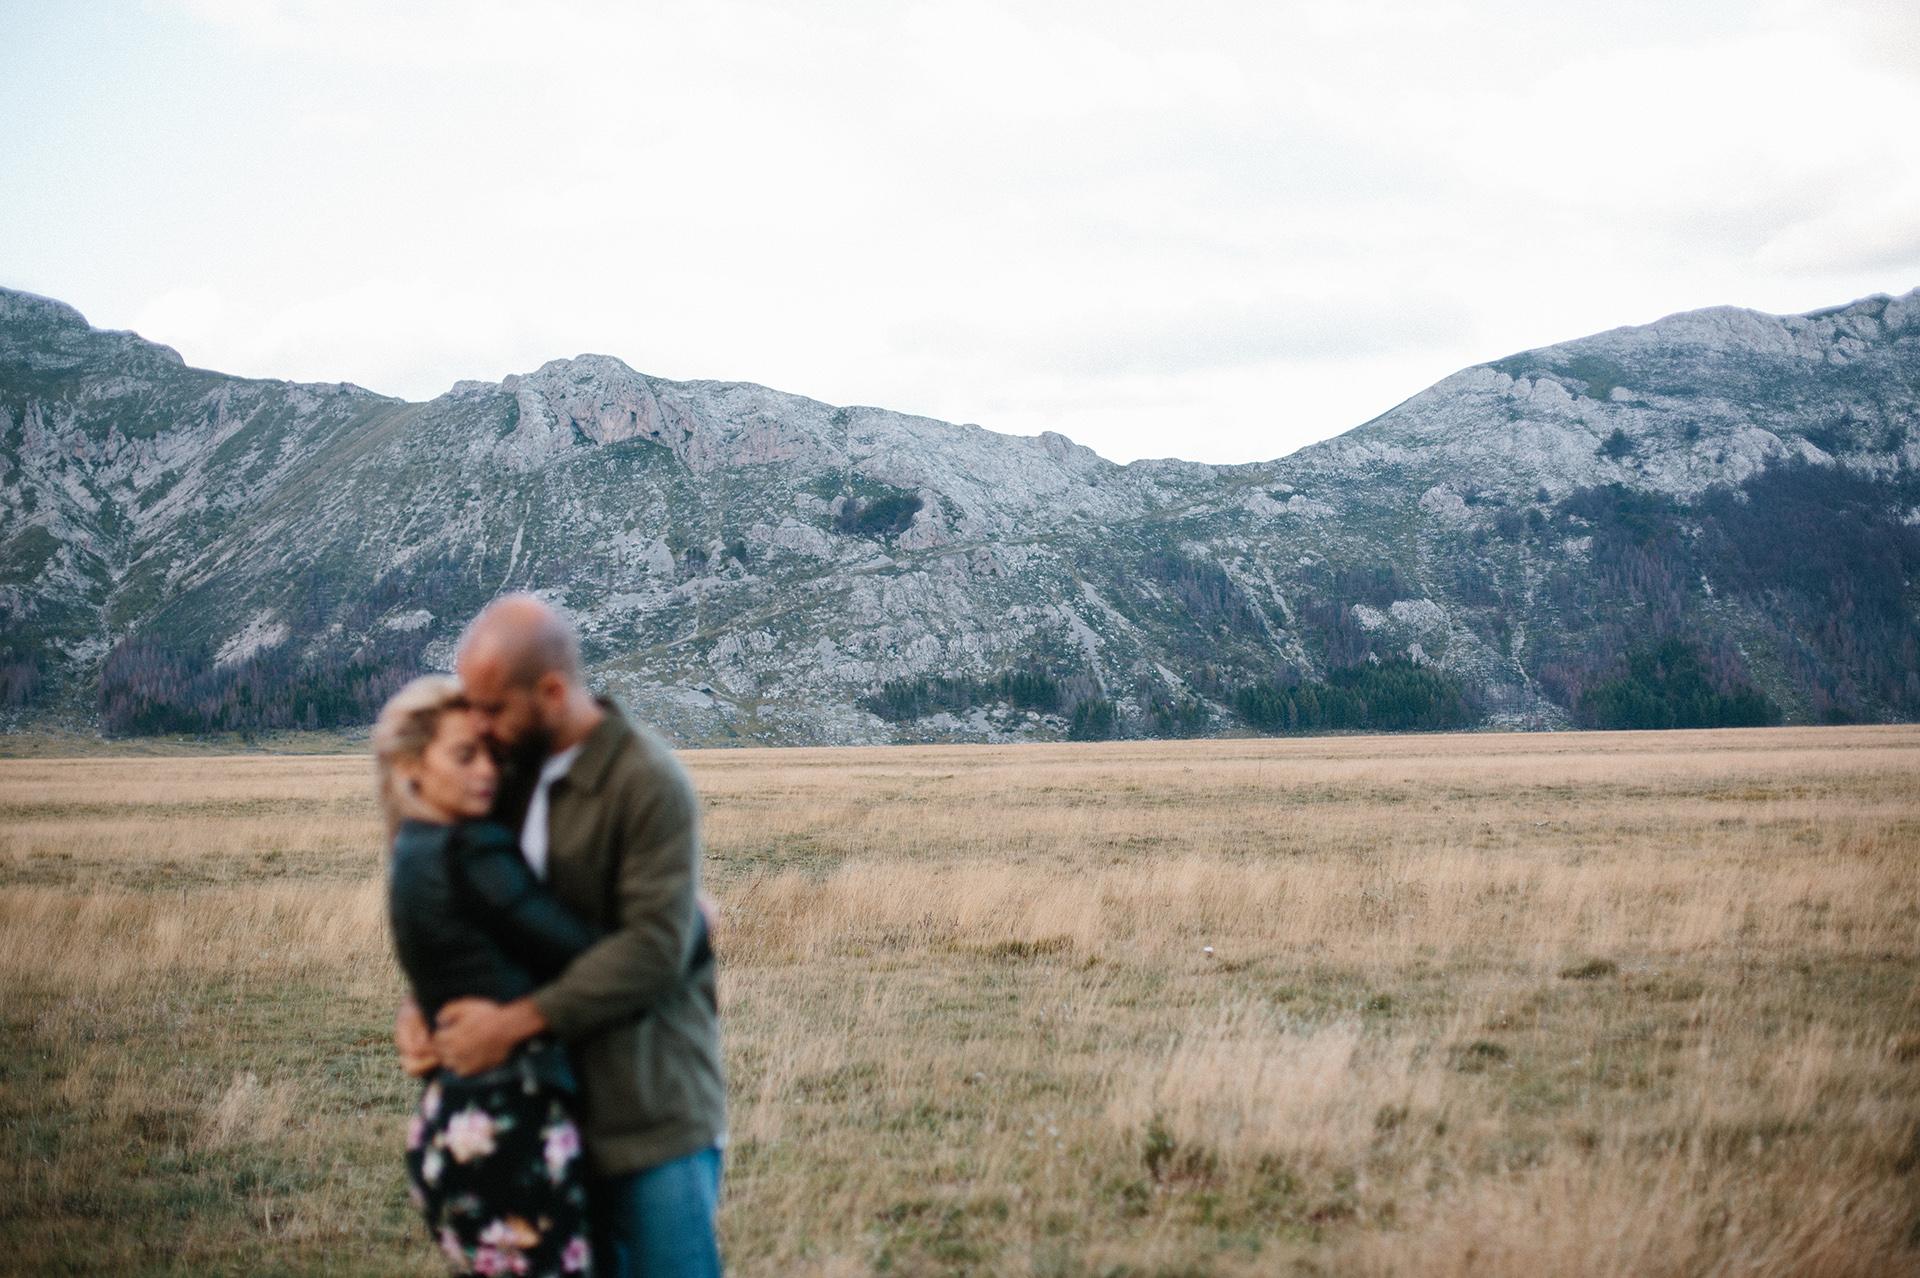 Coppia che si abbraccia e alle spalle la montagna